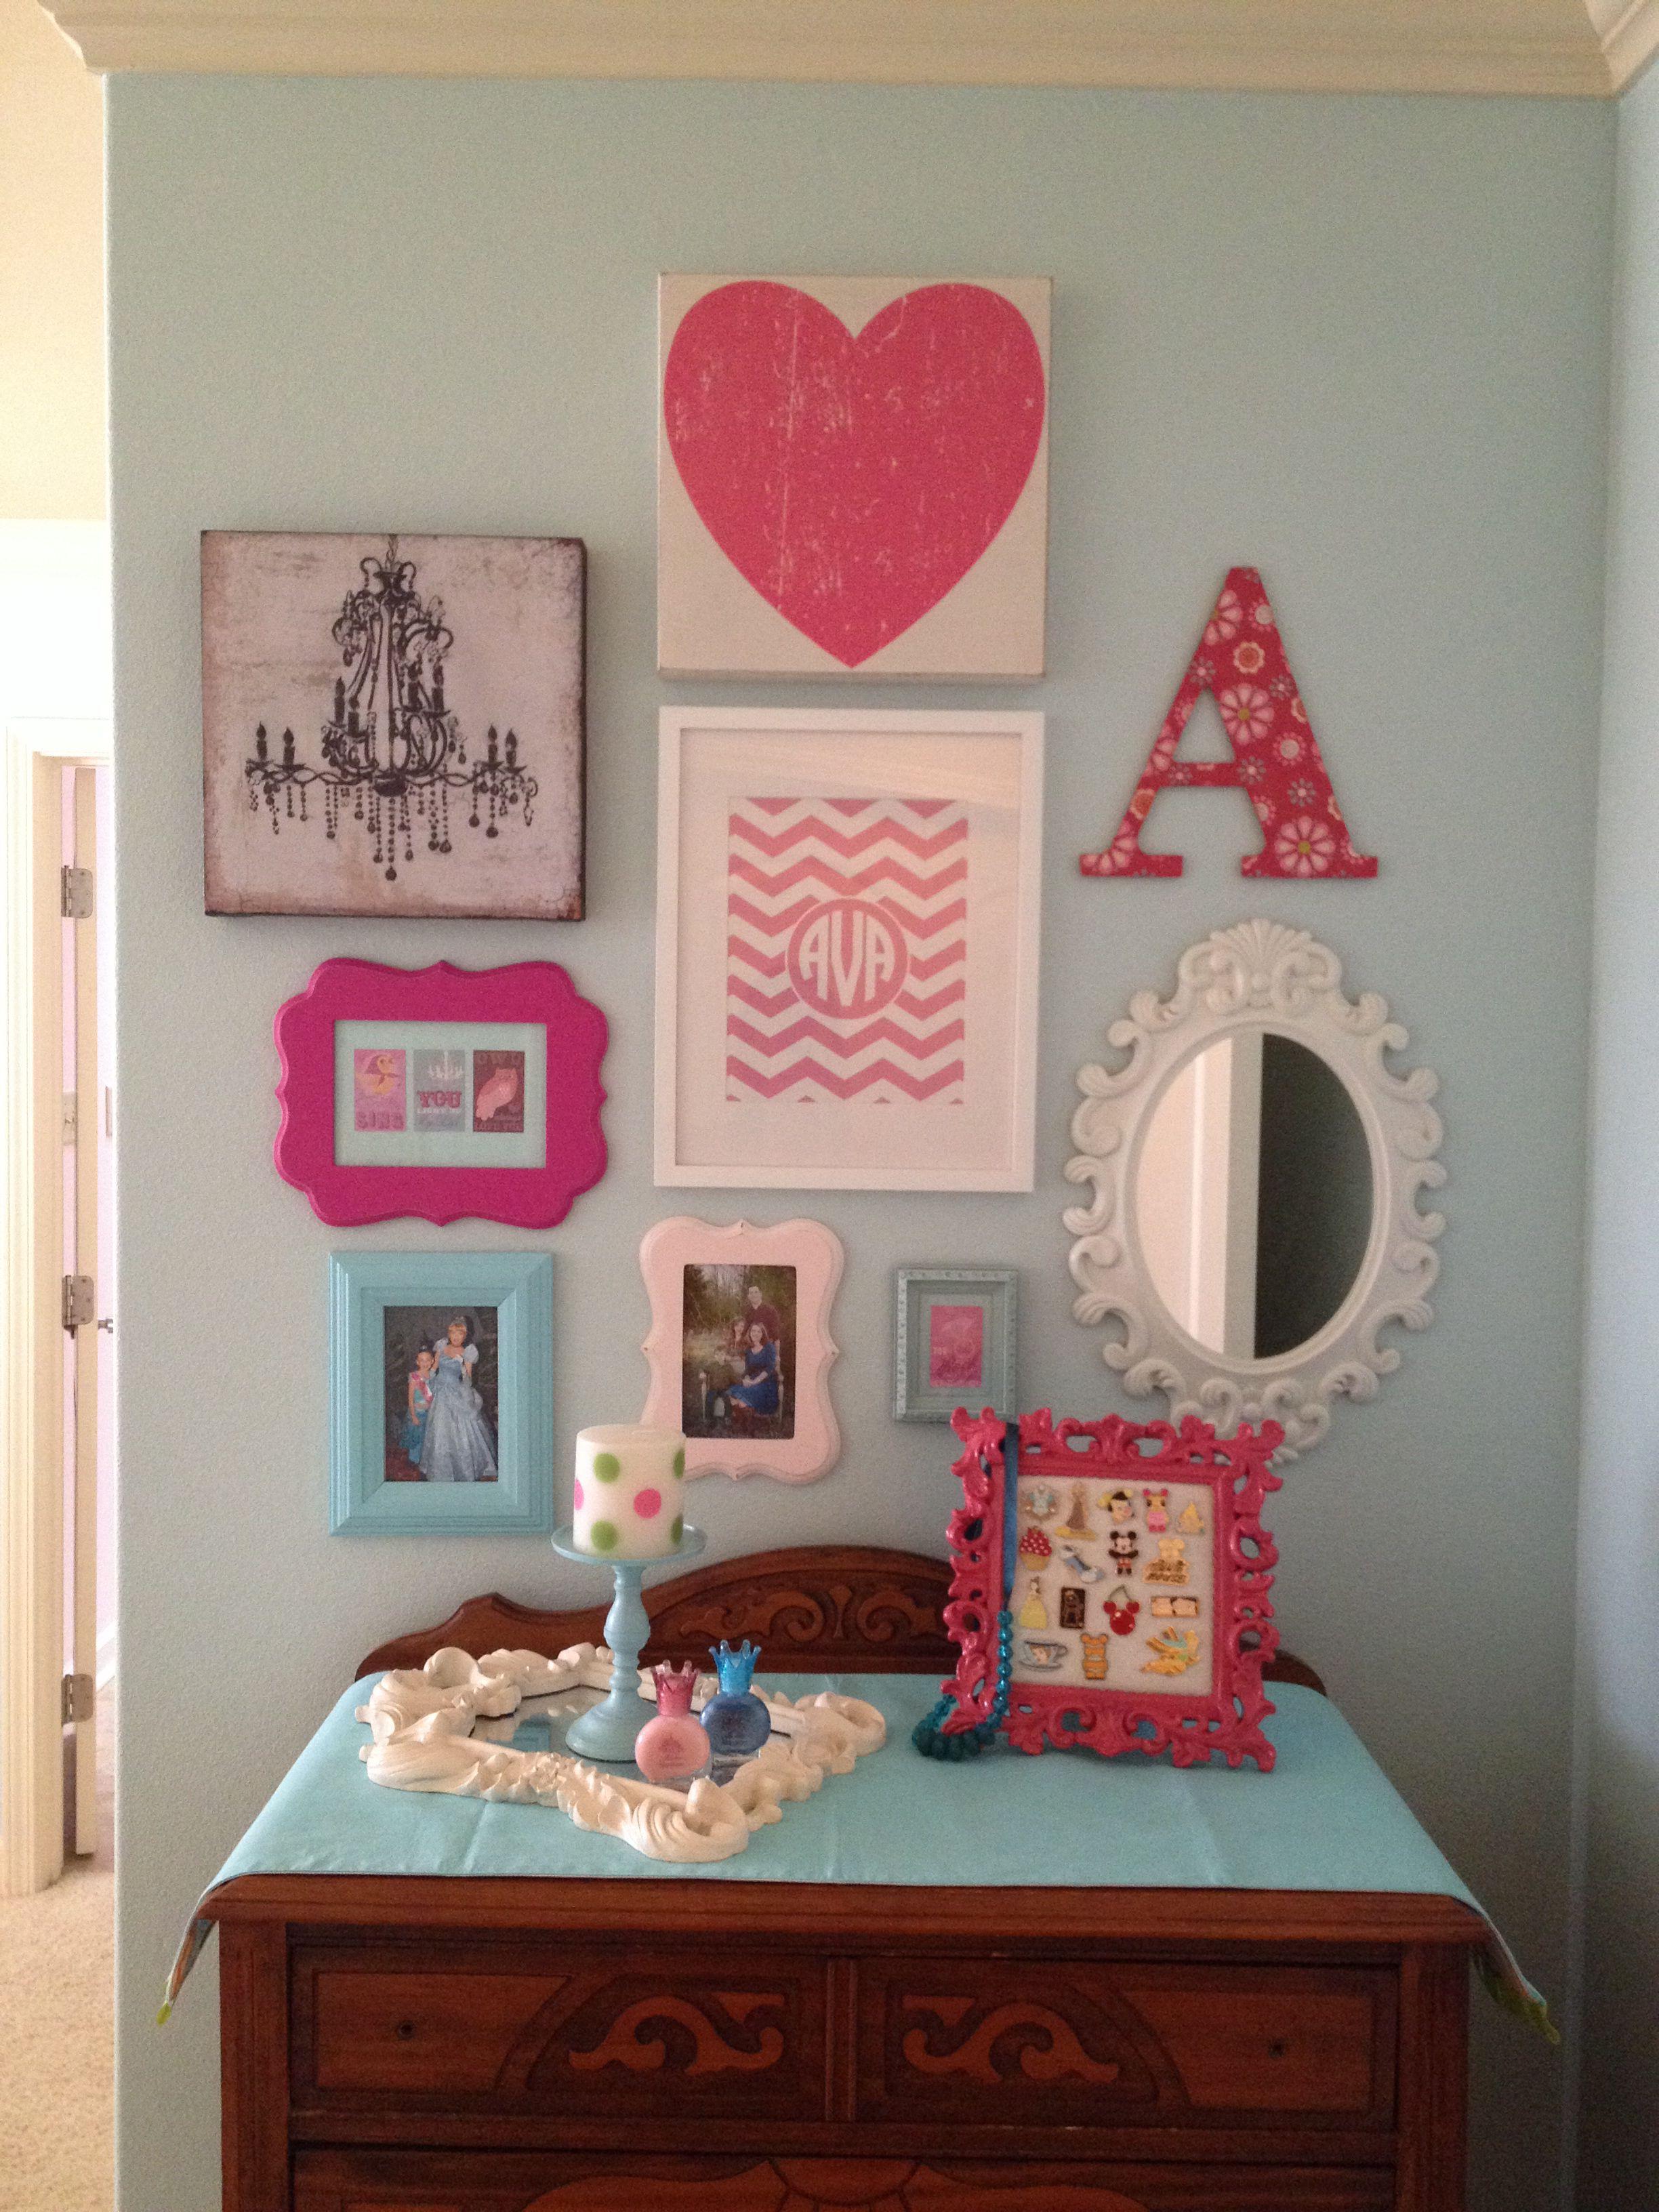 Girls Room Wall Ideas In 2019 Little Girl Bedrooms Bedroom Walls